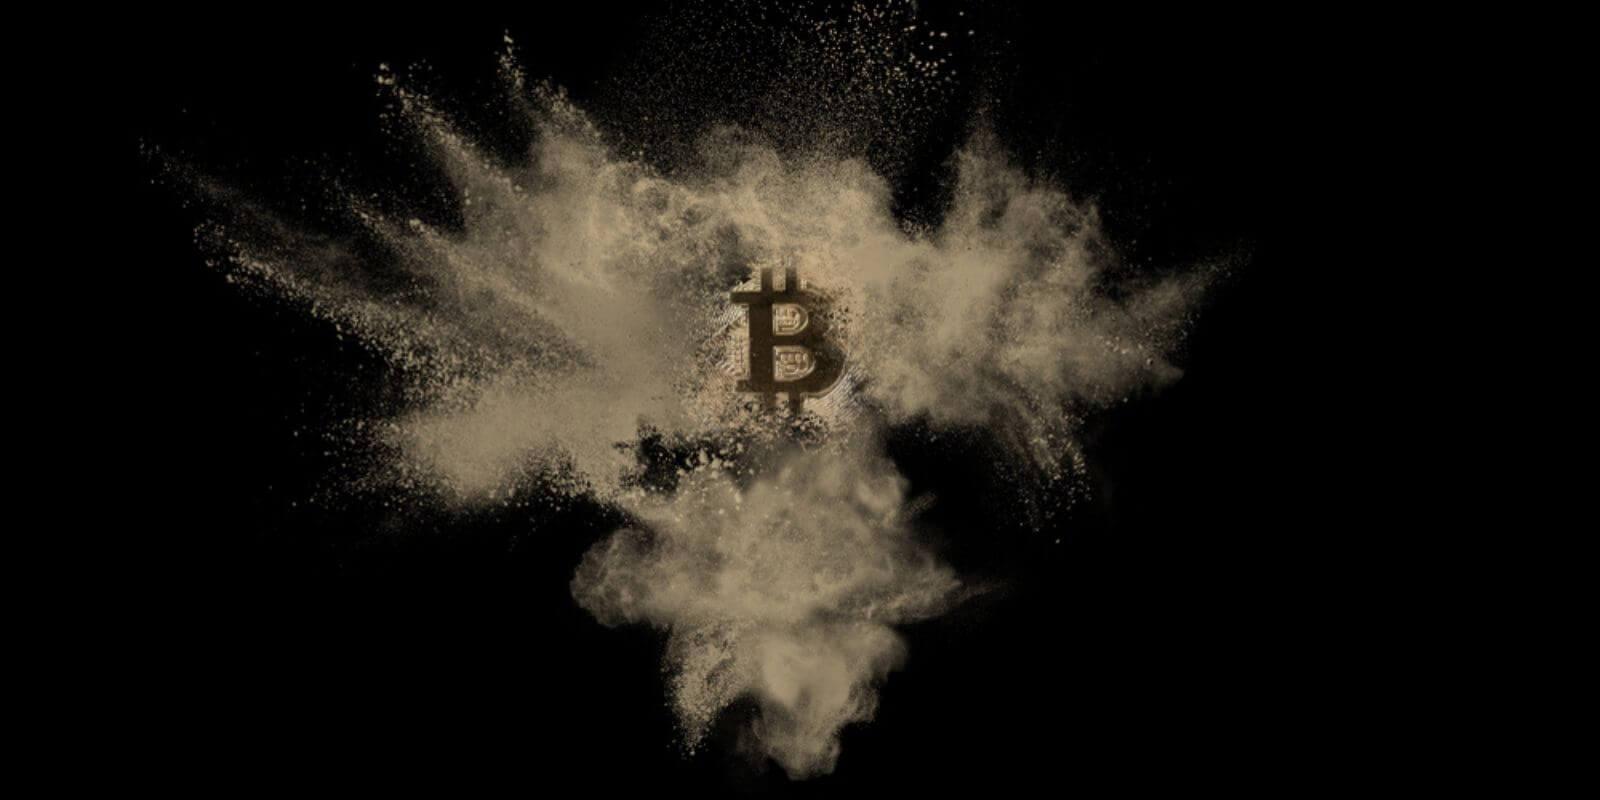 Pires arguments avancés contre le Bitcoin, épisode 2 : Le BTC ne repose sur RIEN